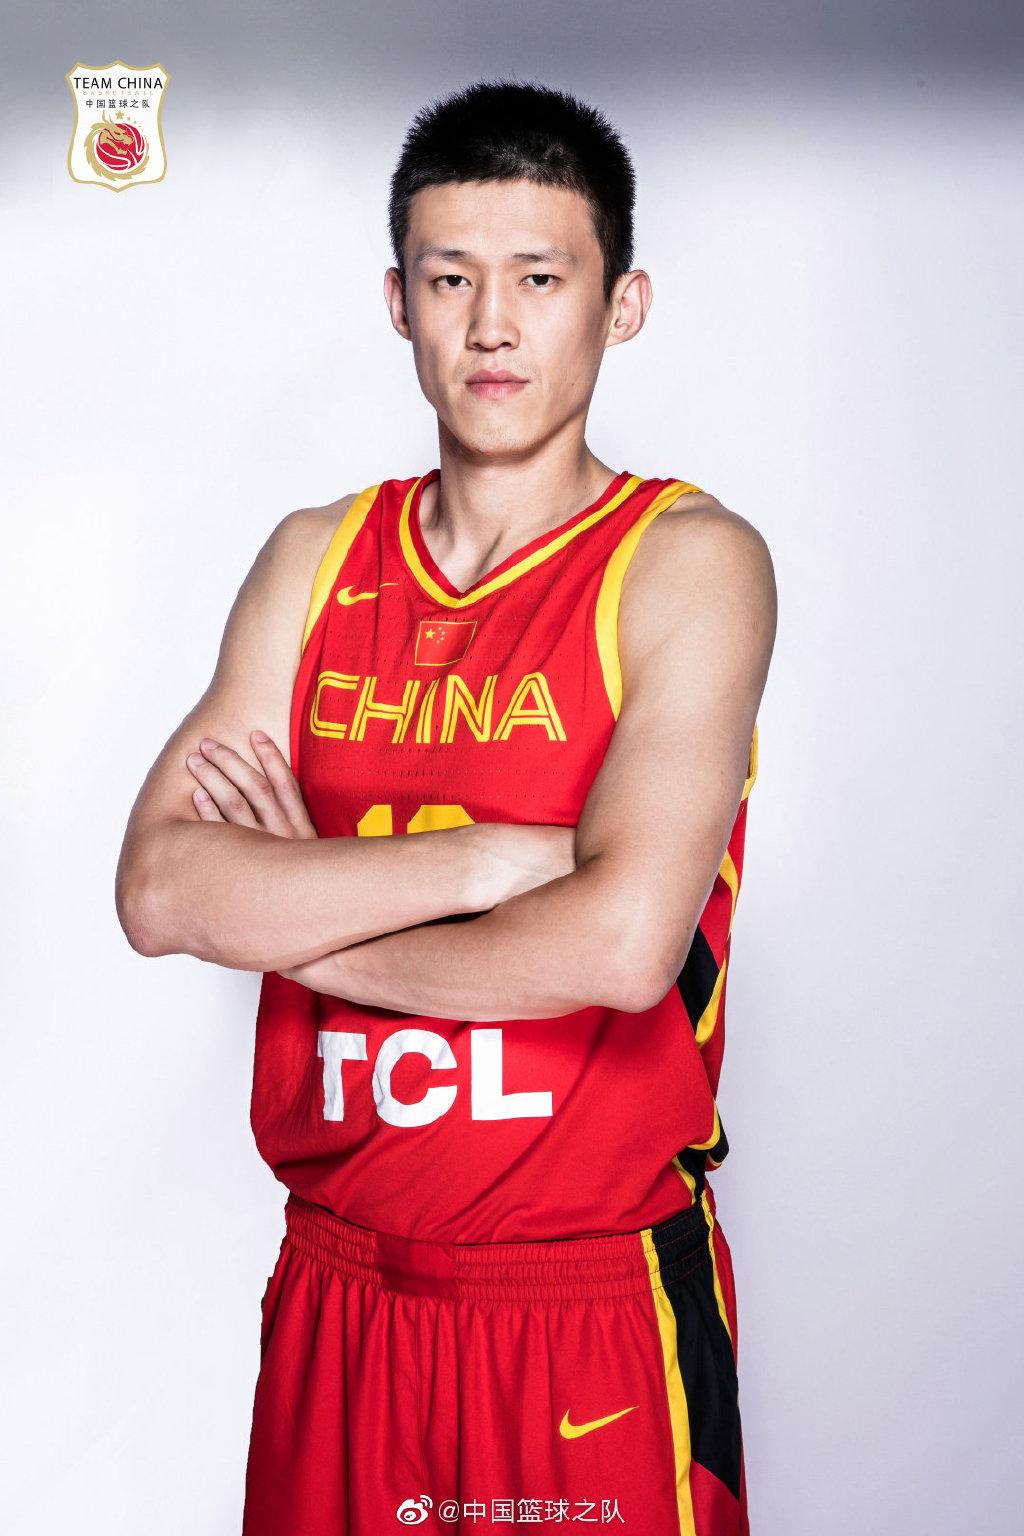 中国男篮再遭伤病打击,周鹏骨裂告别男篮世界杯